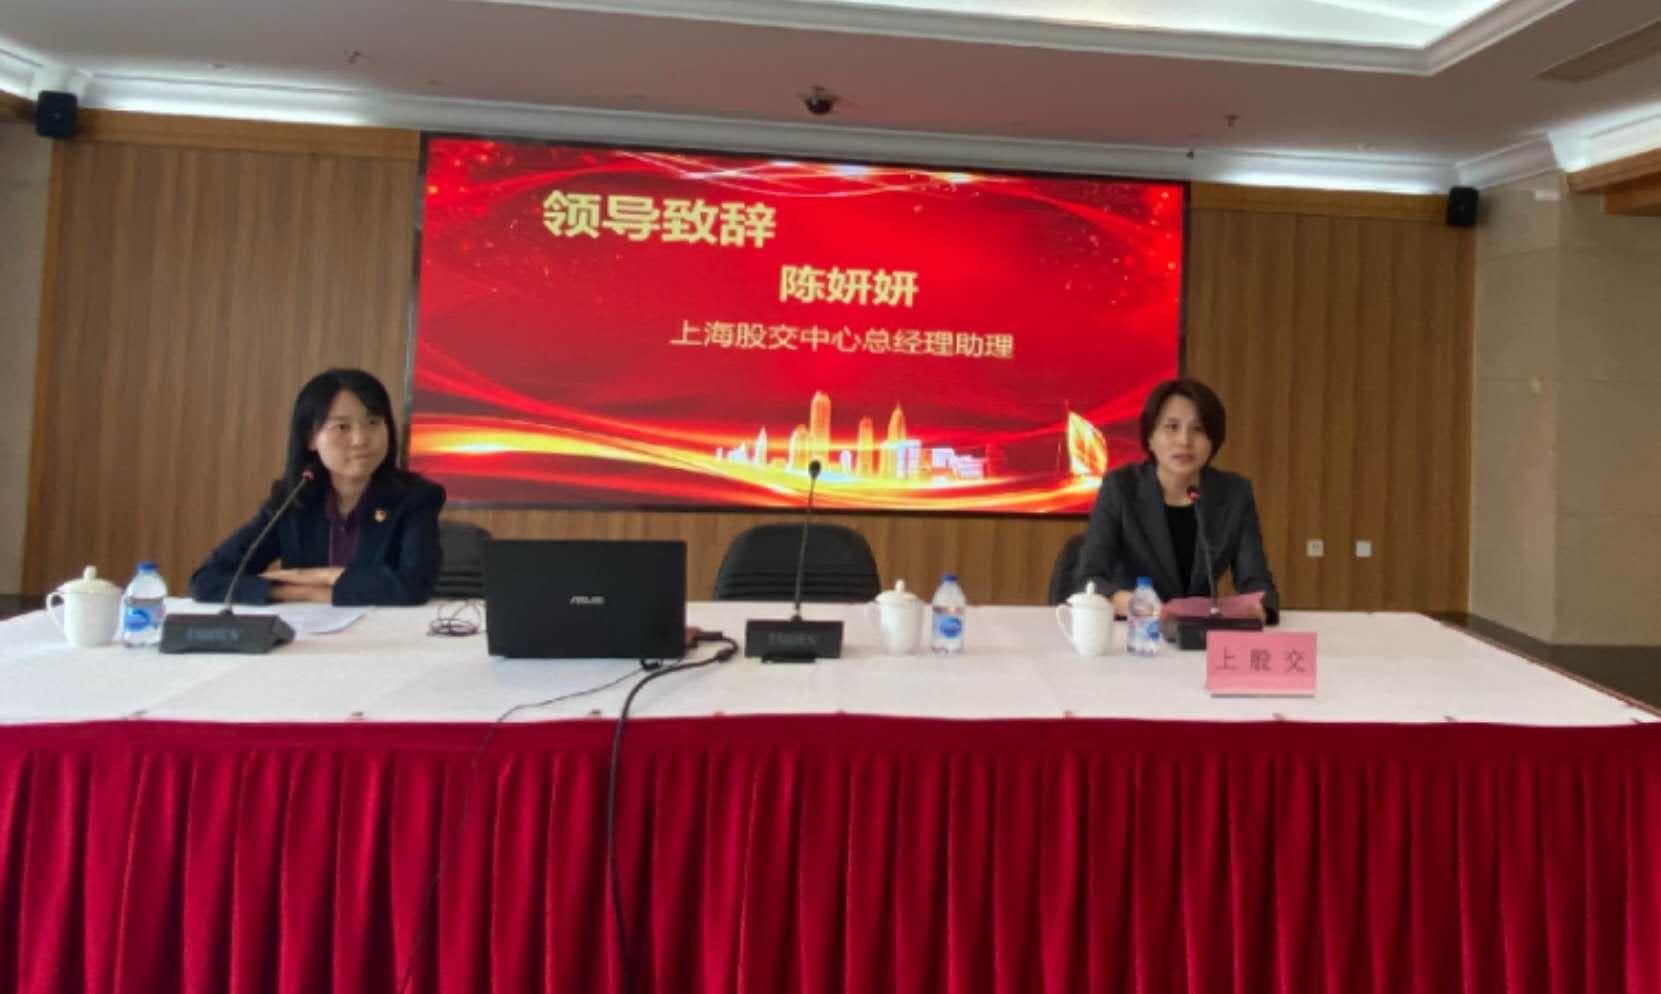 上股交走进青浦,助力中小微企业与金融零距离-上海朗荣投资致力于科创板挂牌融资上市